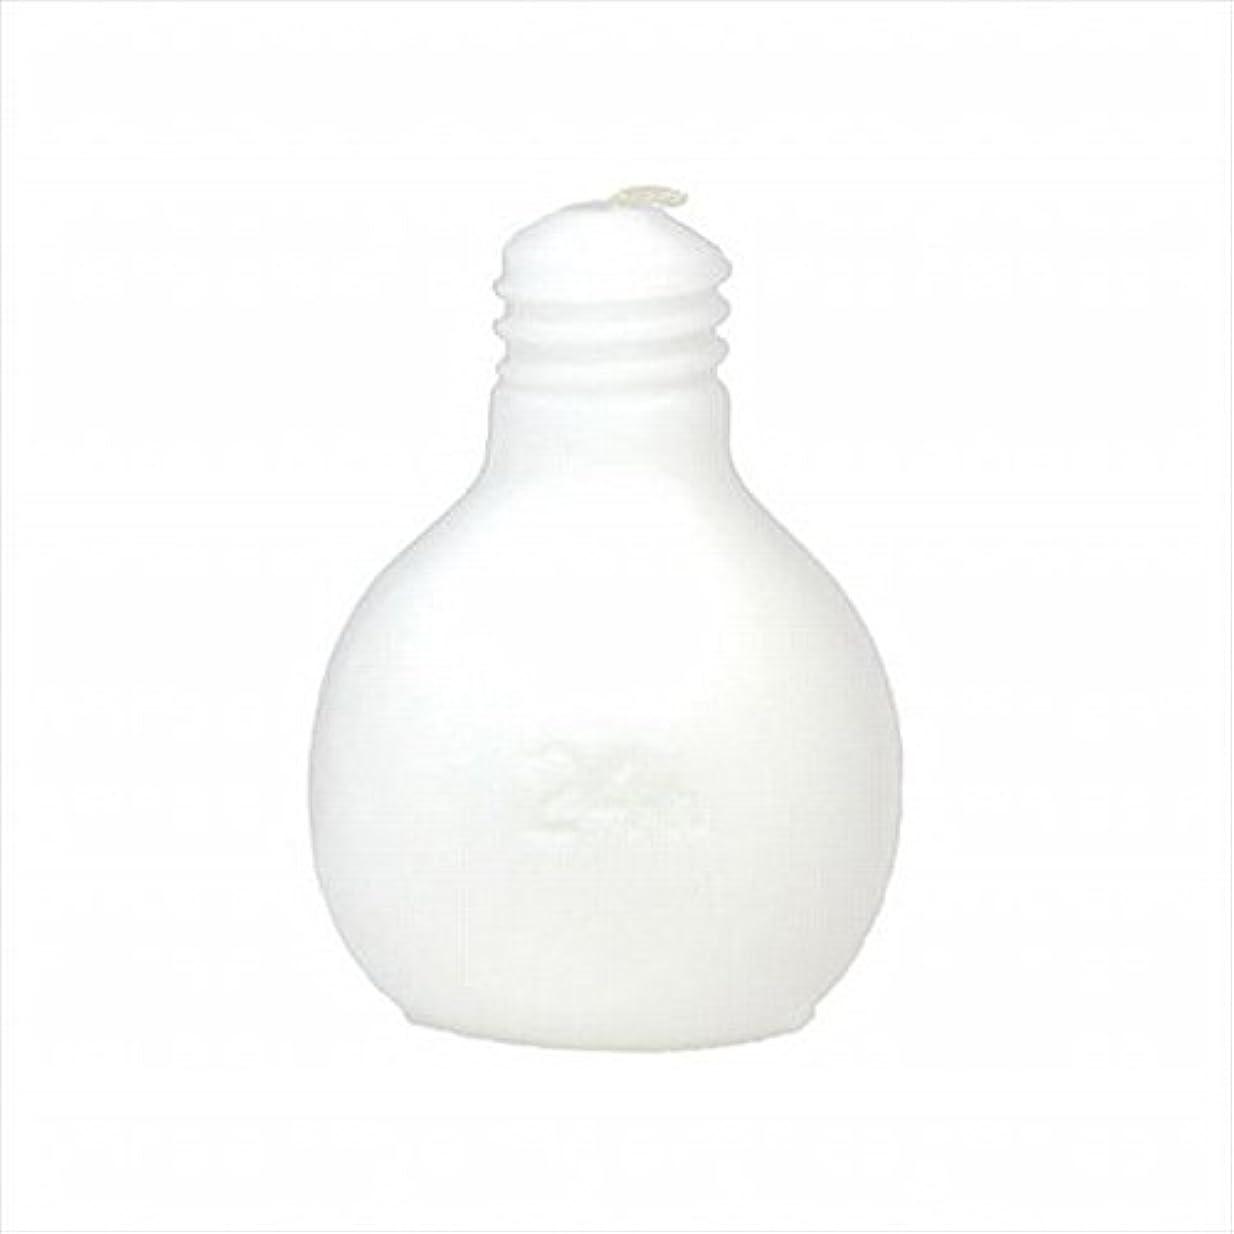 メドレー牧草地マイクロプロセッサkameyama candle(カメヤマキャンドル) 節電球キャンドル 「 ホワイト 」 キャンドル 75x75x98mm (A4220000W)